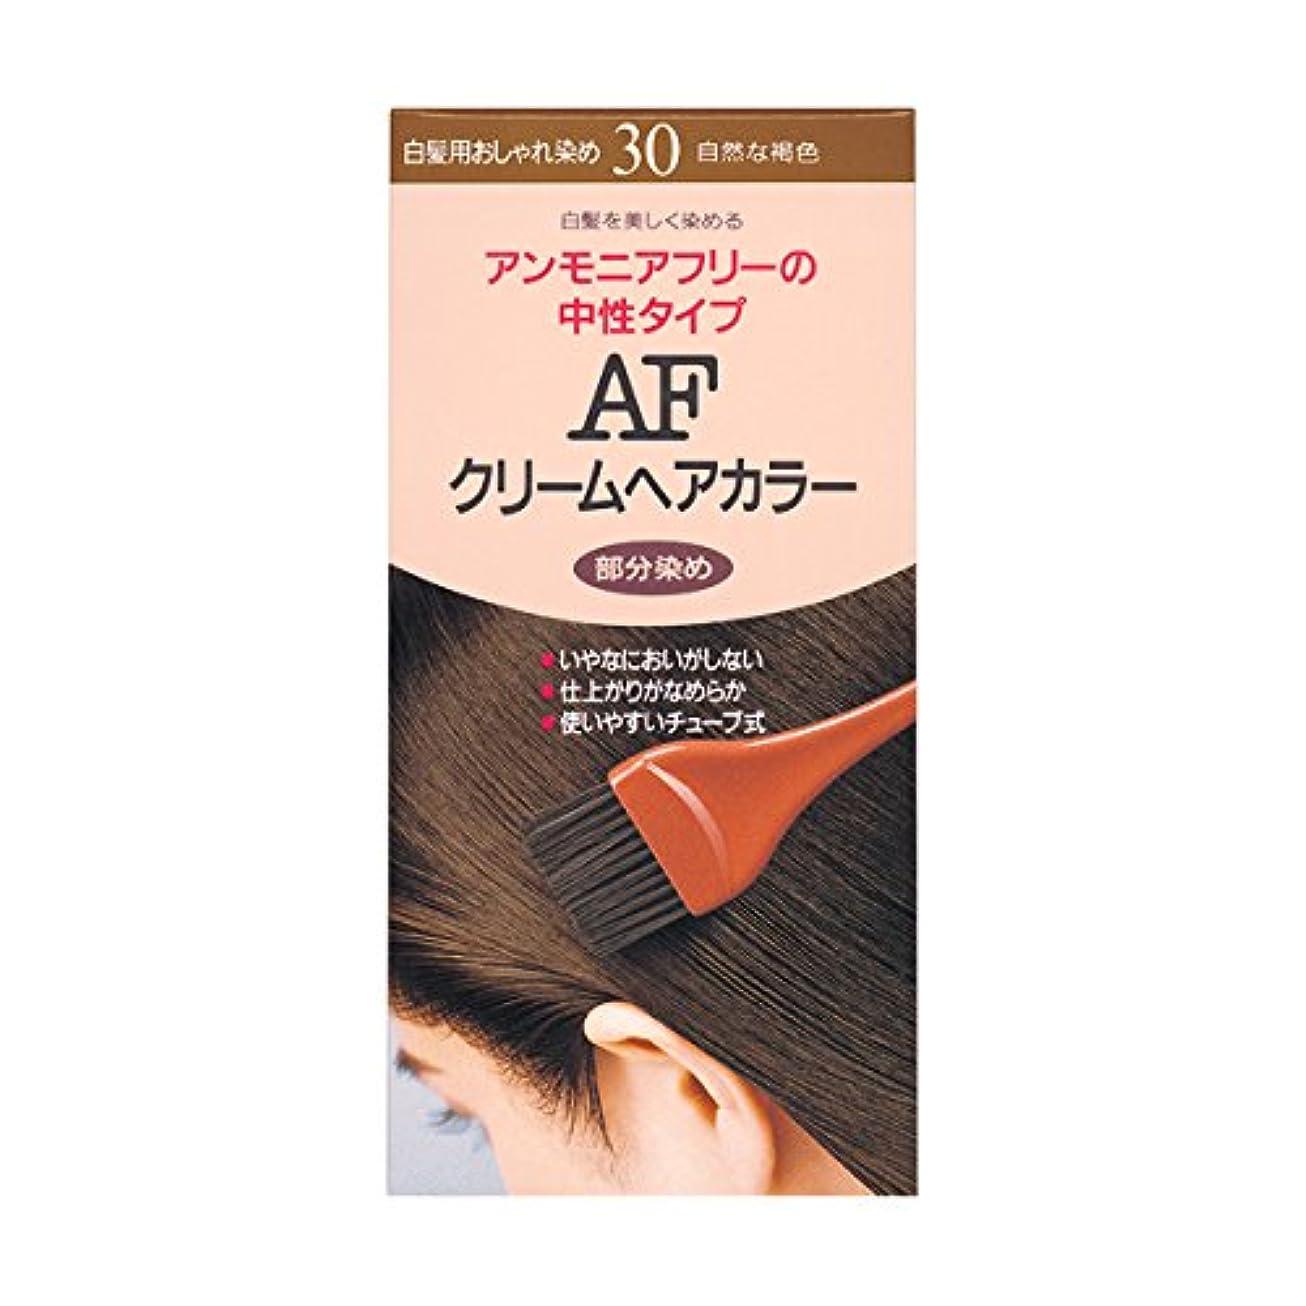 磁石アジャ規範ヘアカラー AFクリームヘアカラー 30 【医薬部外品】